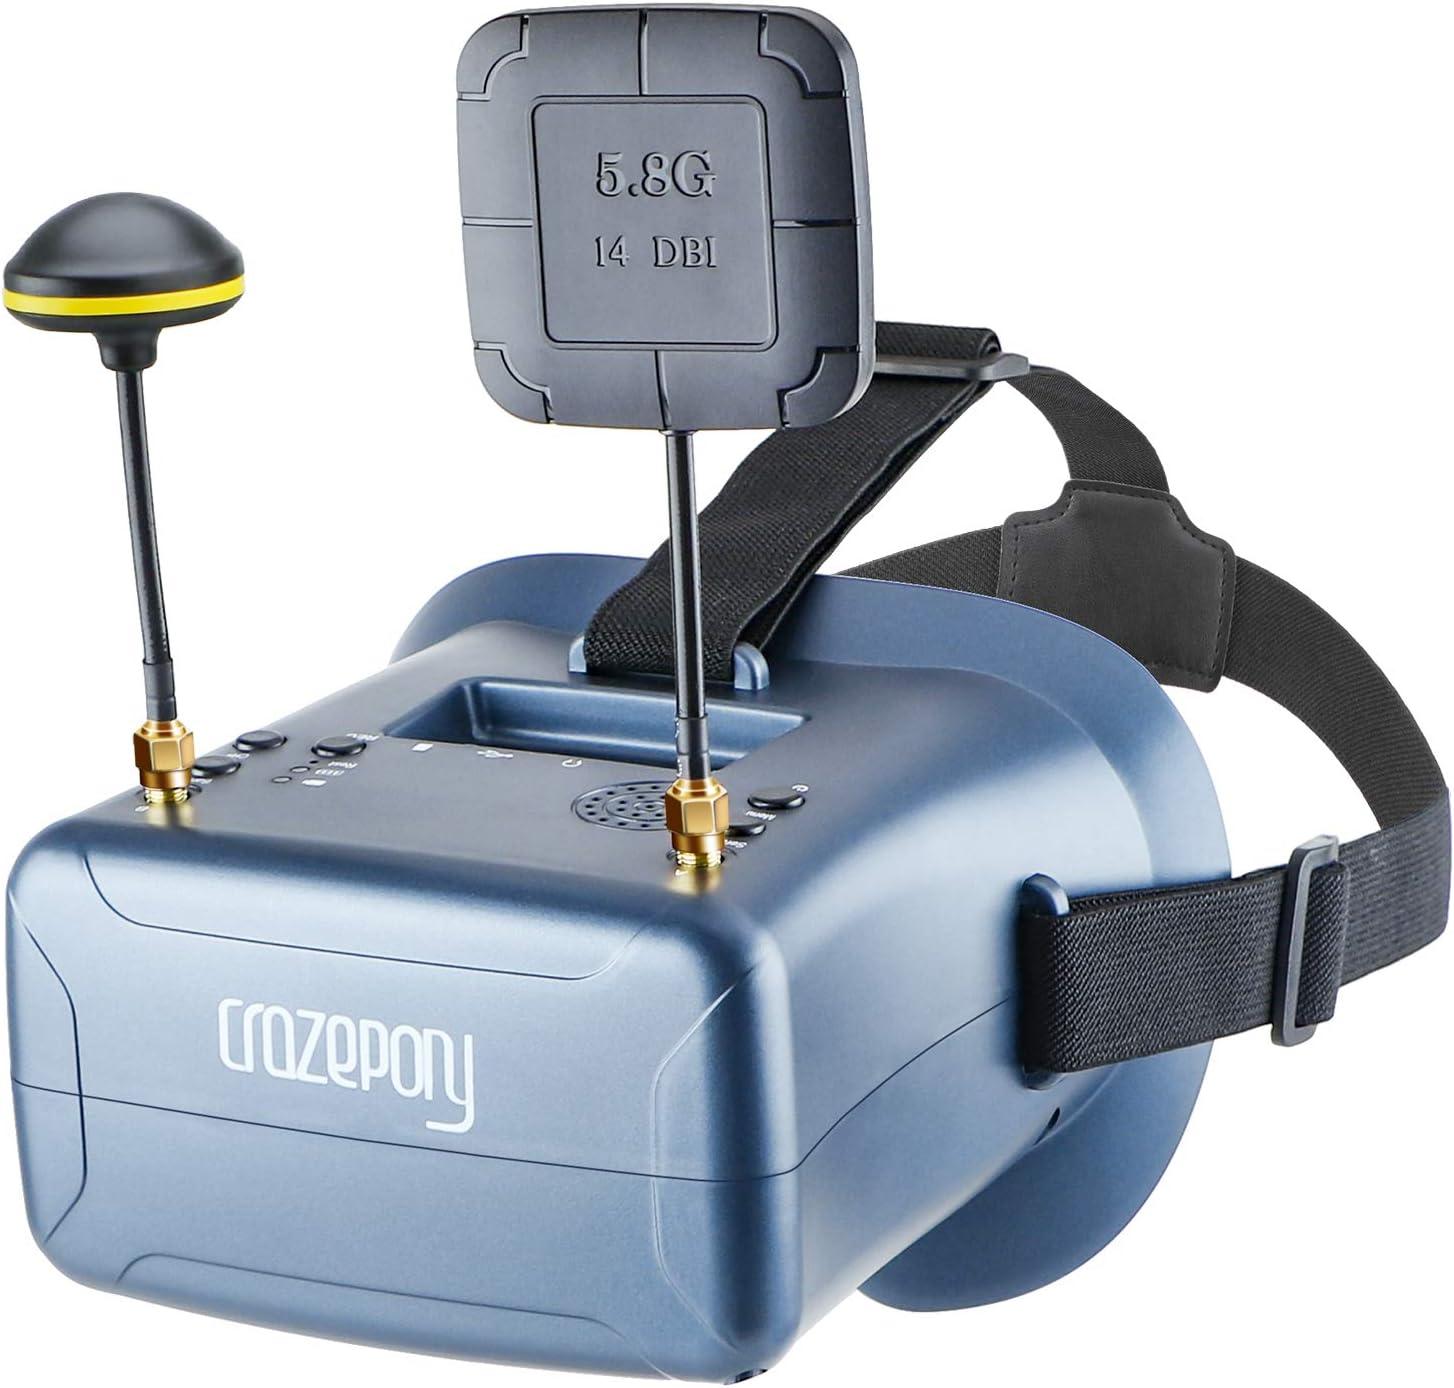 Crazepony-UK FPV Gafas Crazepony VR008 Pro FPV Gafas con DVR 4.3 Pulgadas 5.8G 40CH batería de la Diversidad y Funda de Transporte para RC Quadcopter